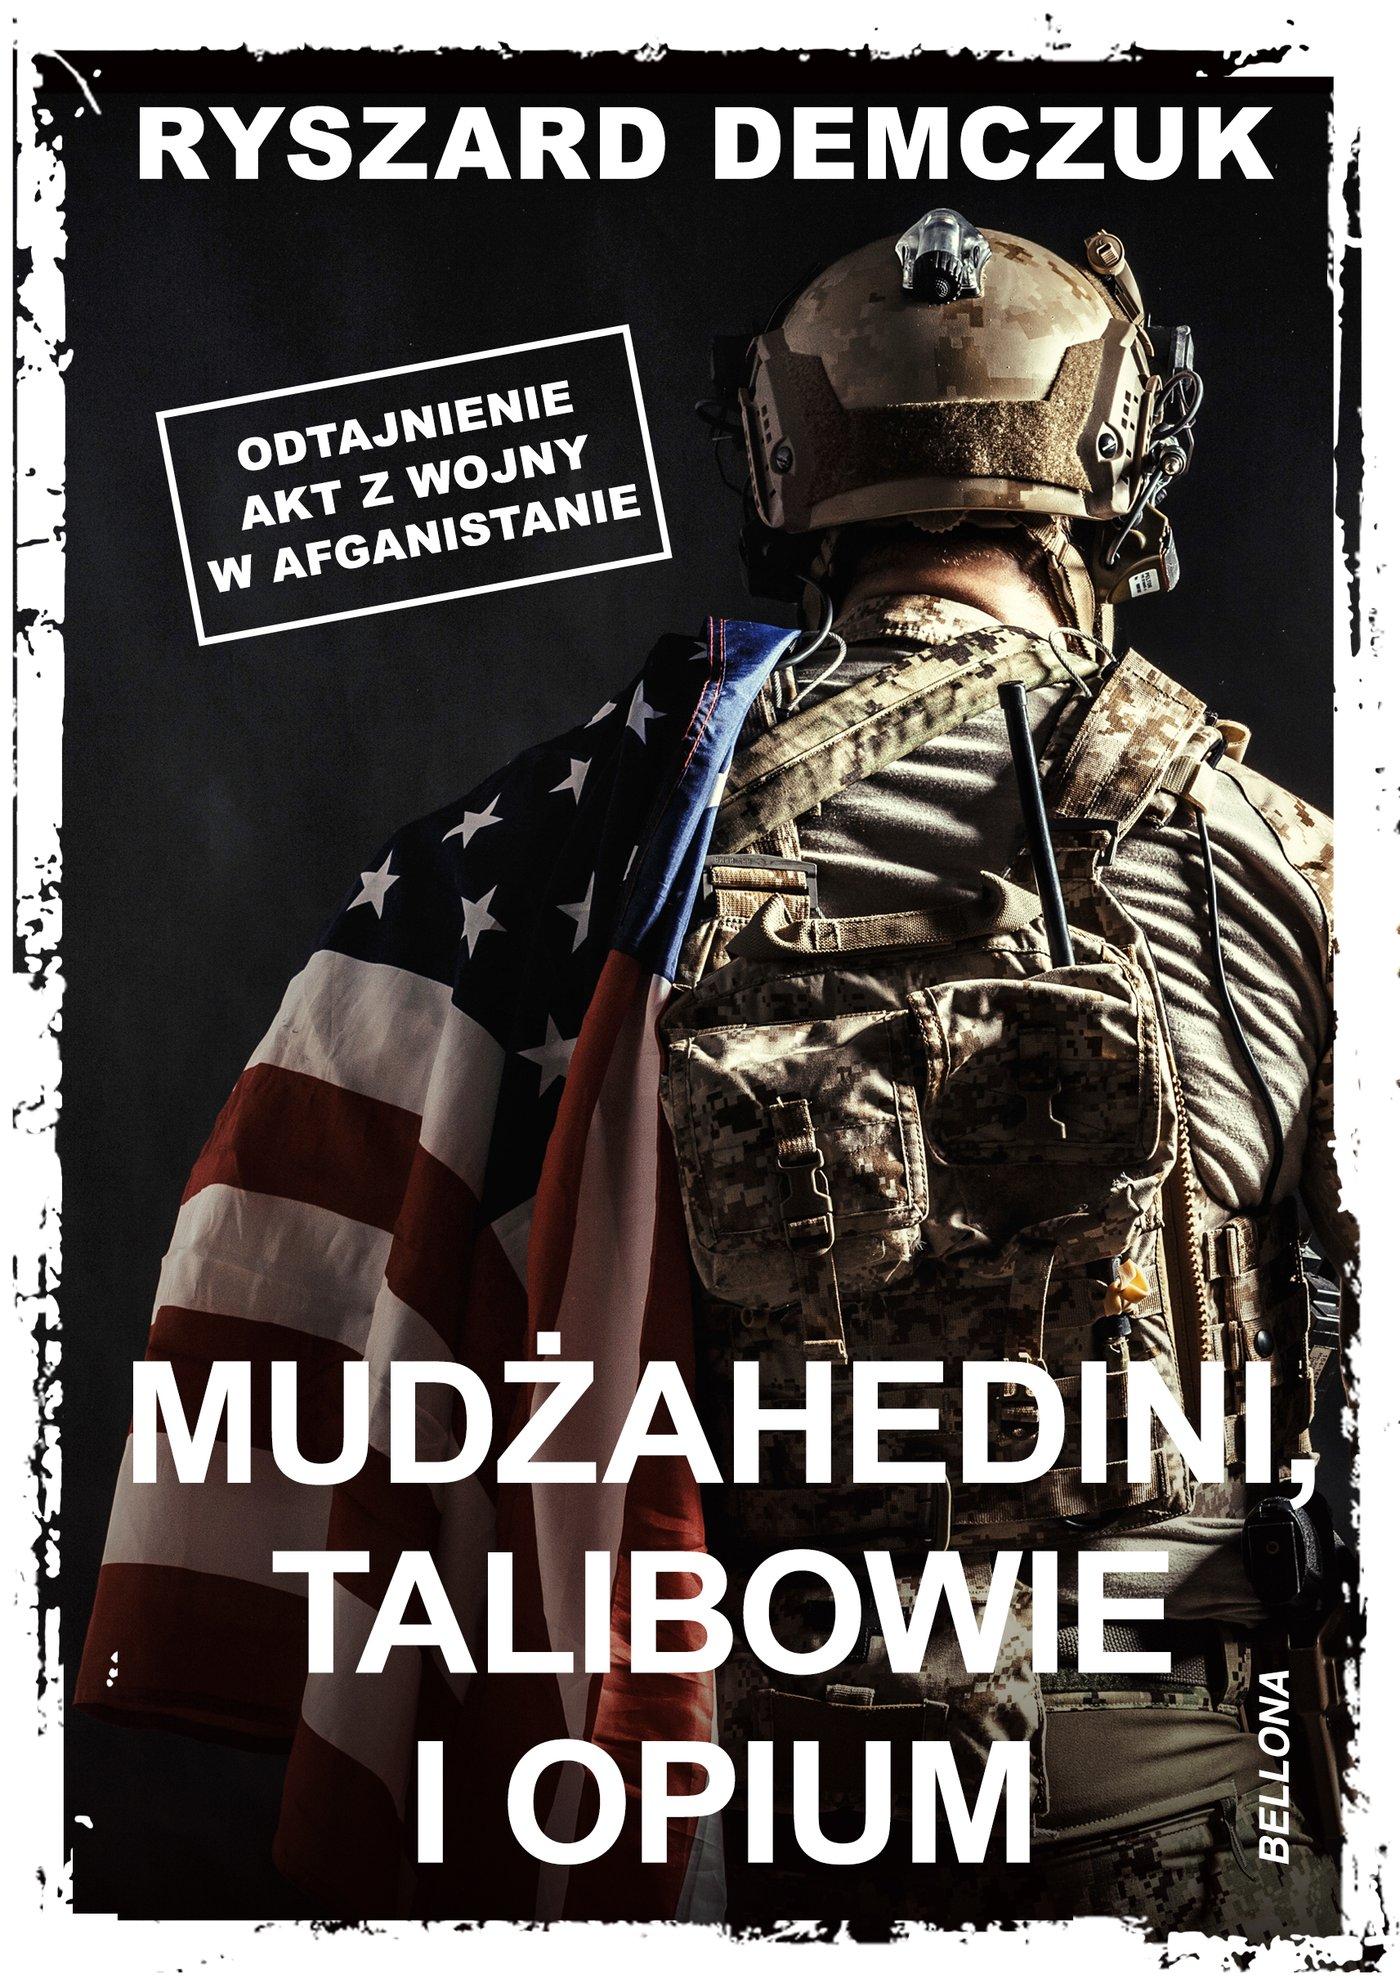 Mudżahedini, talibowie i opium - Ebook (Książka na Kindle) do pobrania w formacie MOBI